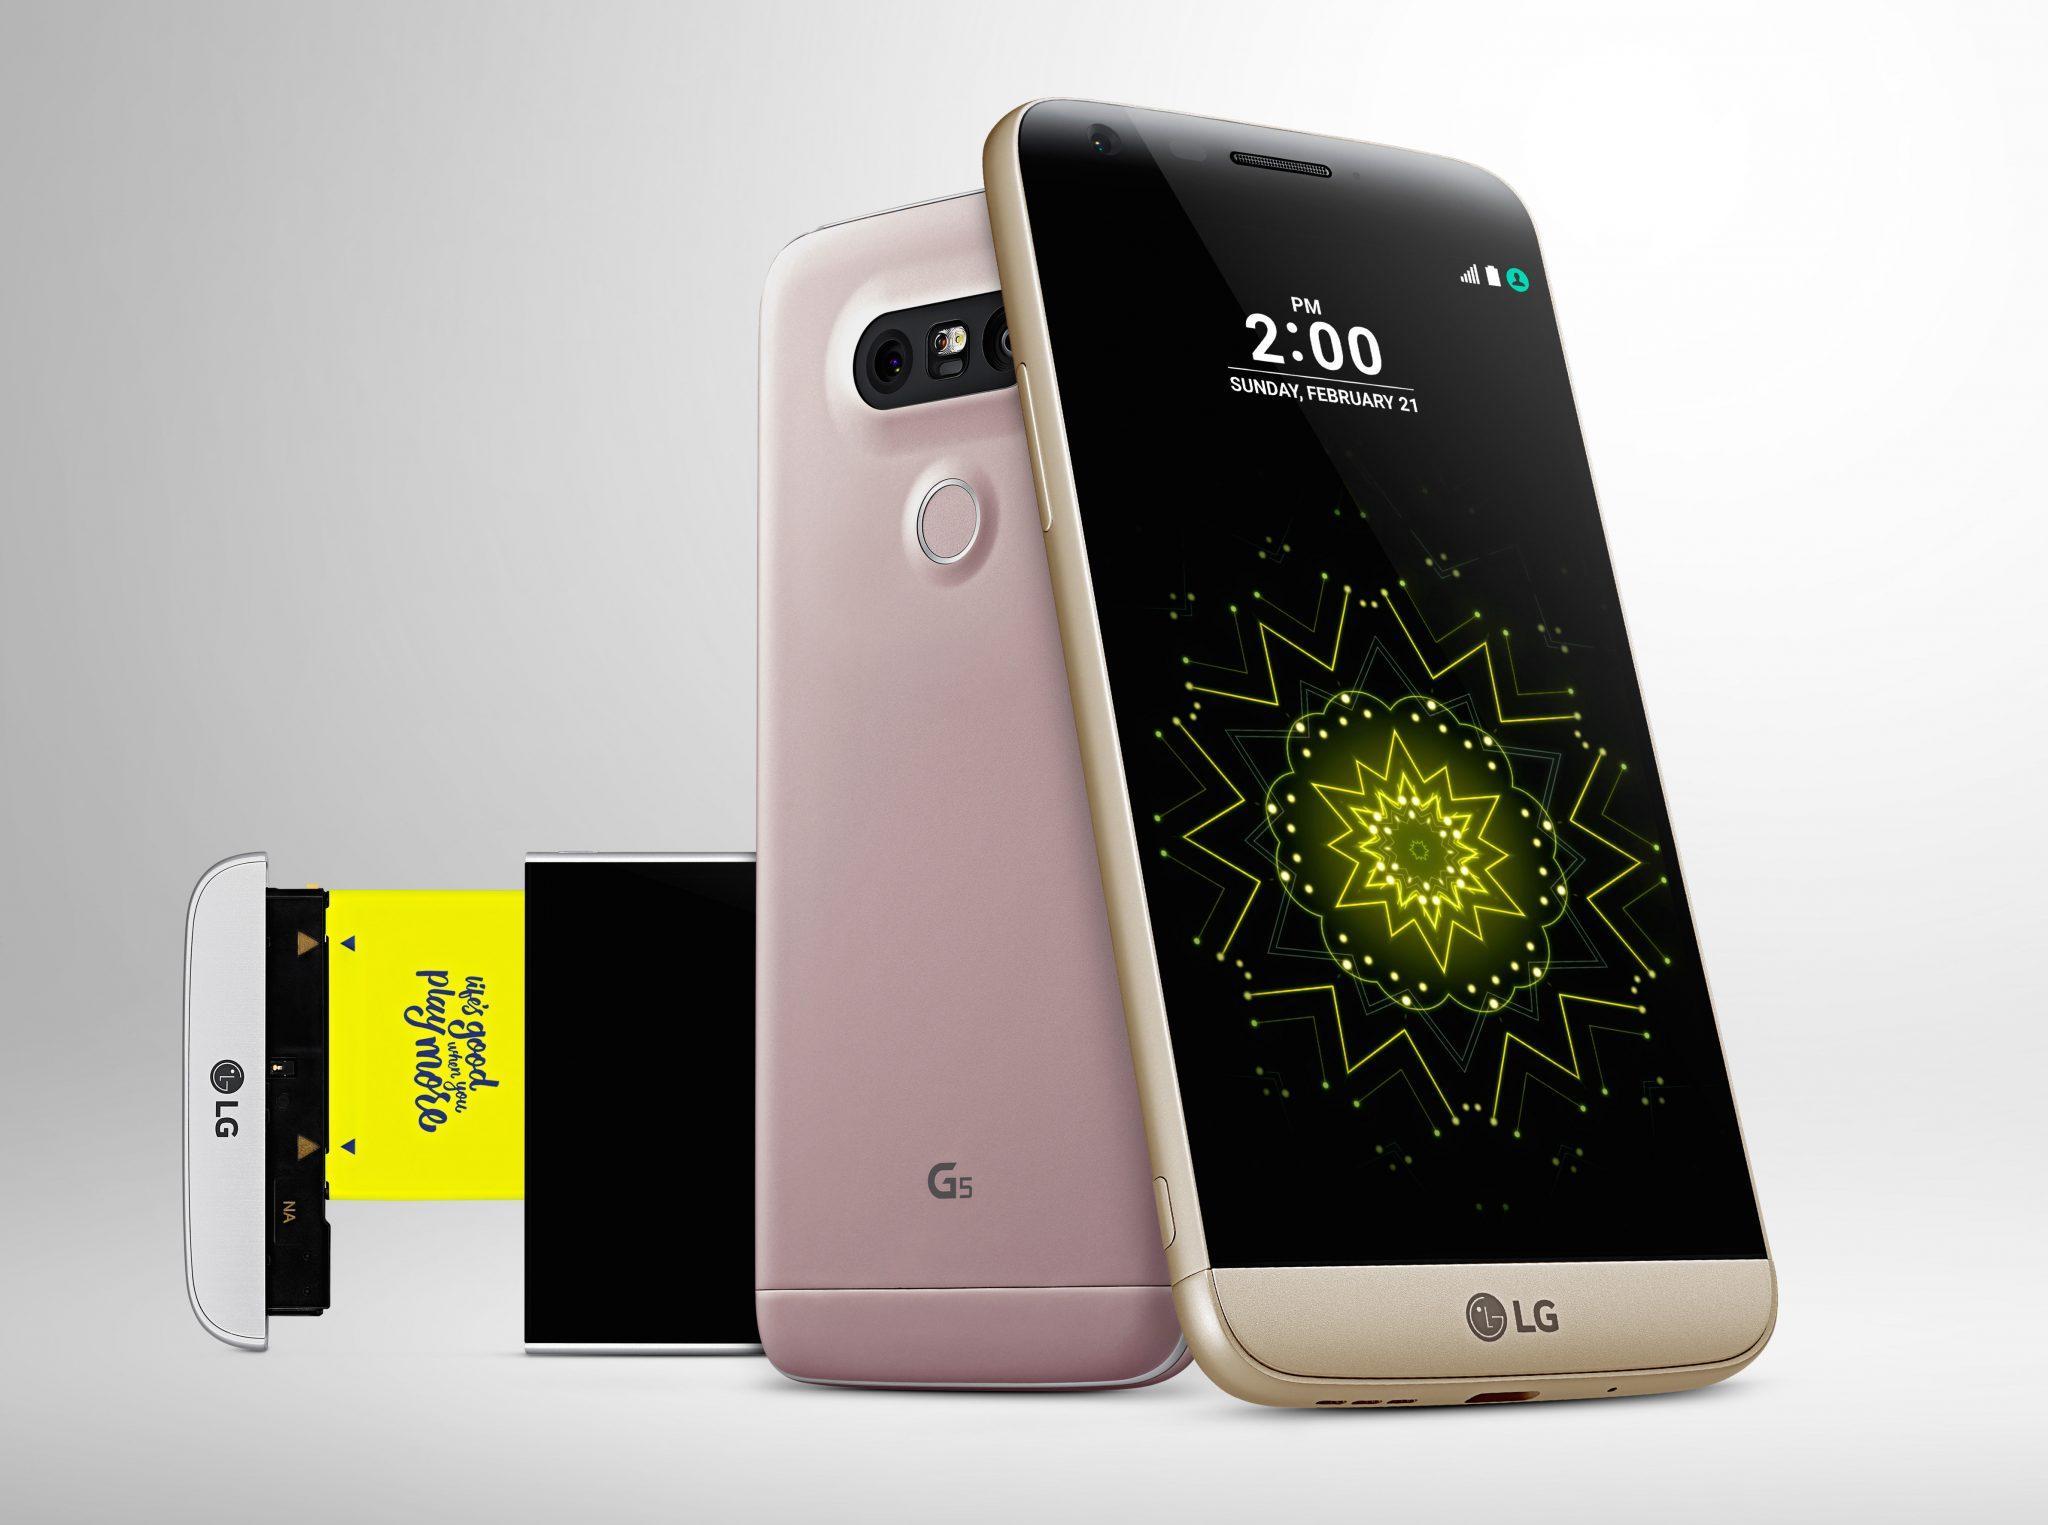 LG G5 ufficiale